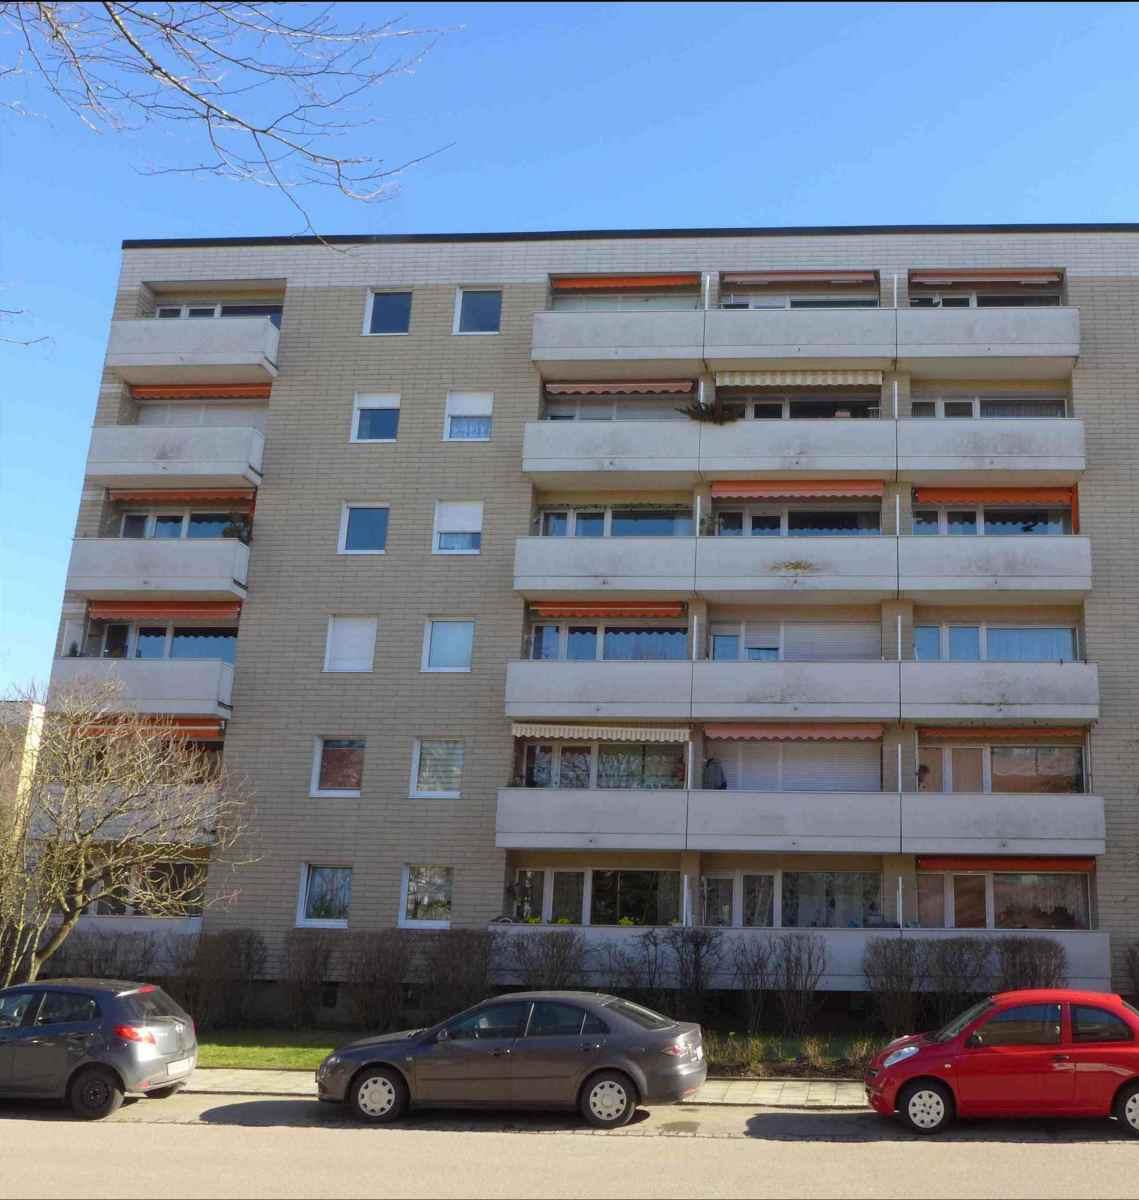 Fliesenerneuerung-Balkone-Germering-1